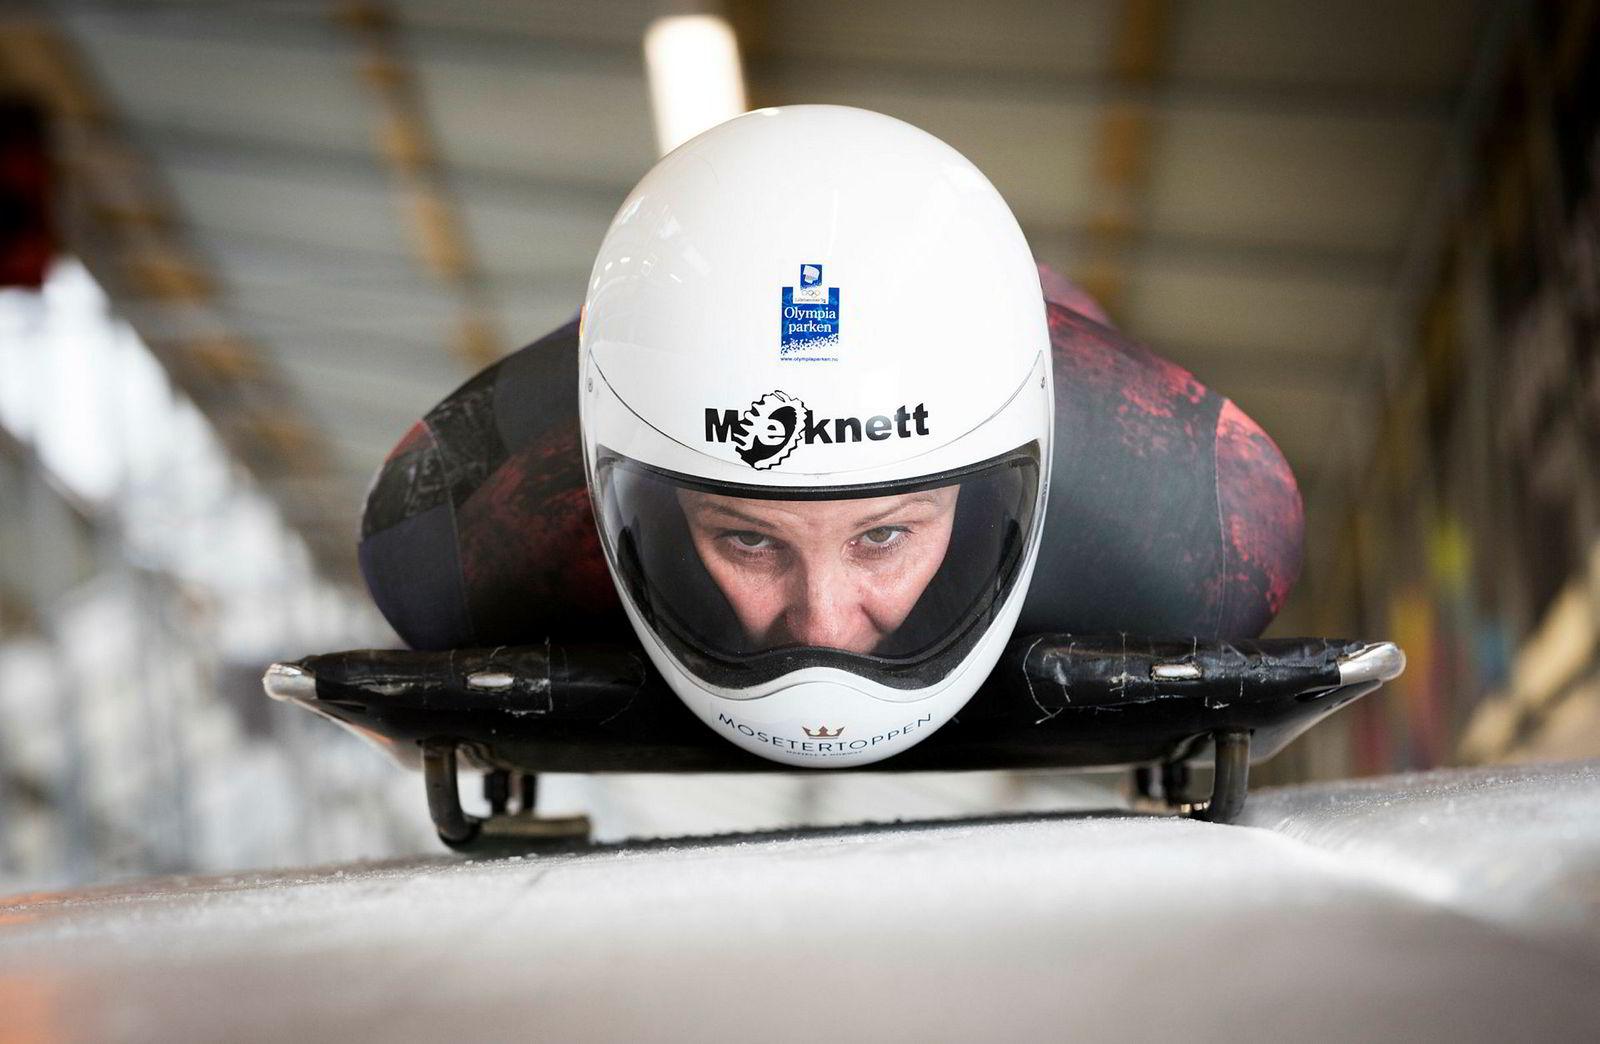 Slik ser det ut når Maya Pedersen ligger på skeleton-kjelken og farer nedover banen med hodet først og ansiktet noe få centimeter over isen. Styrebevegelsene må gjøres på hundredelet riktig.